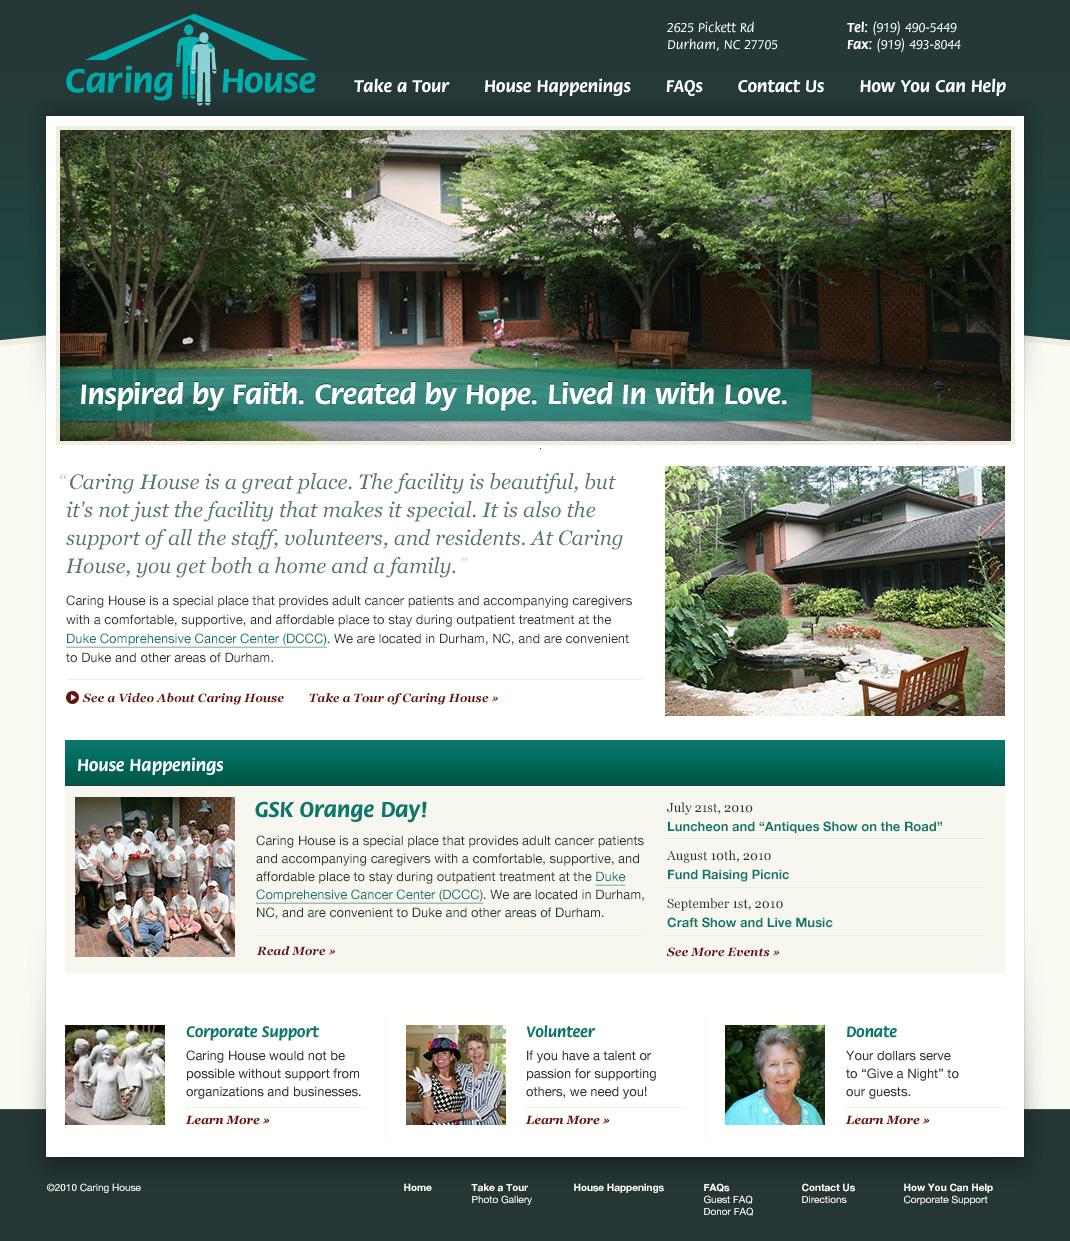 Original Caring House website